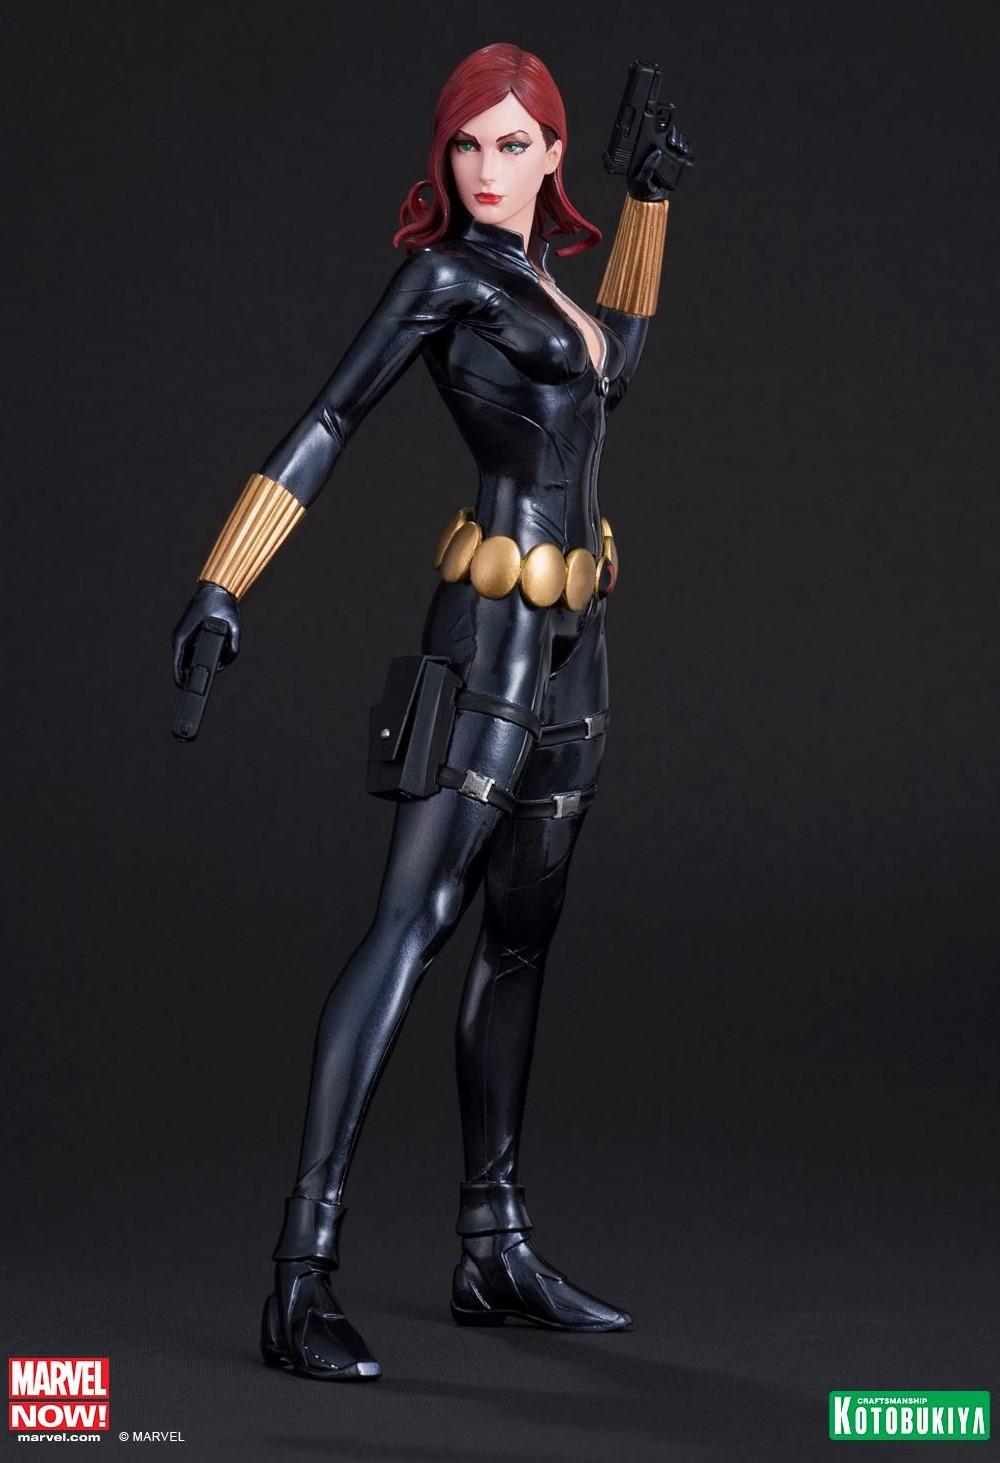 kotobukiya avengers artfx black widow statue up for order. Black Bedroom Furniture Sets. Home Design Ideas